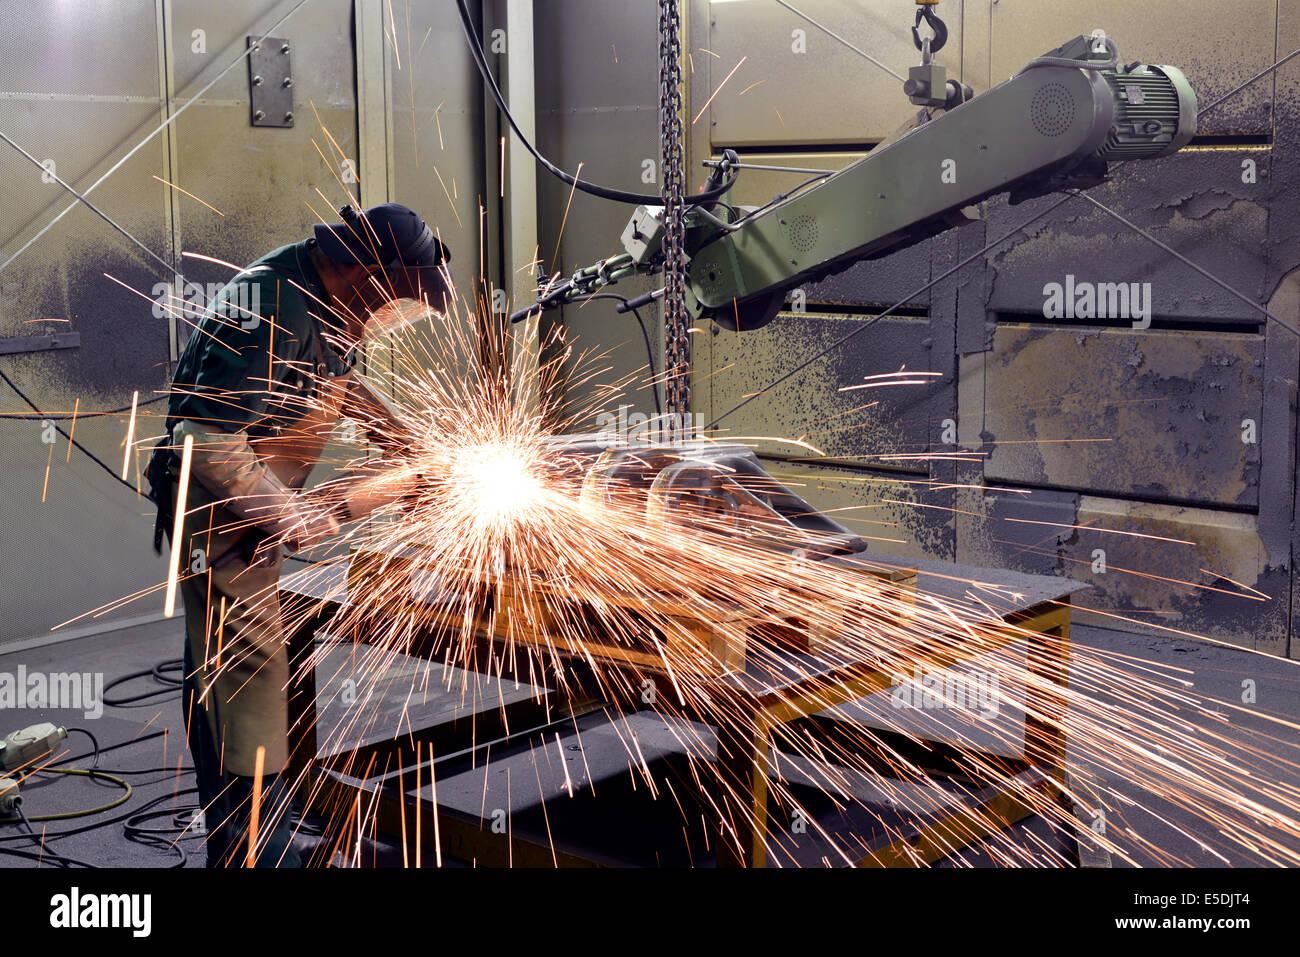 Travailler avec la machine de meulage dans une fonderie Photo Stock